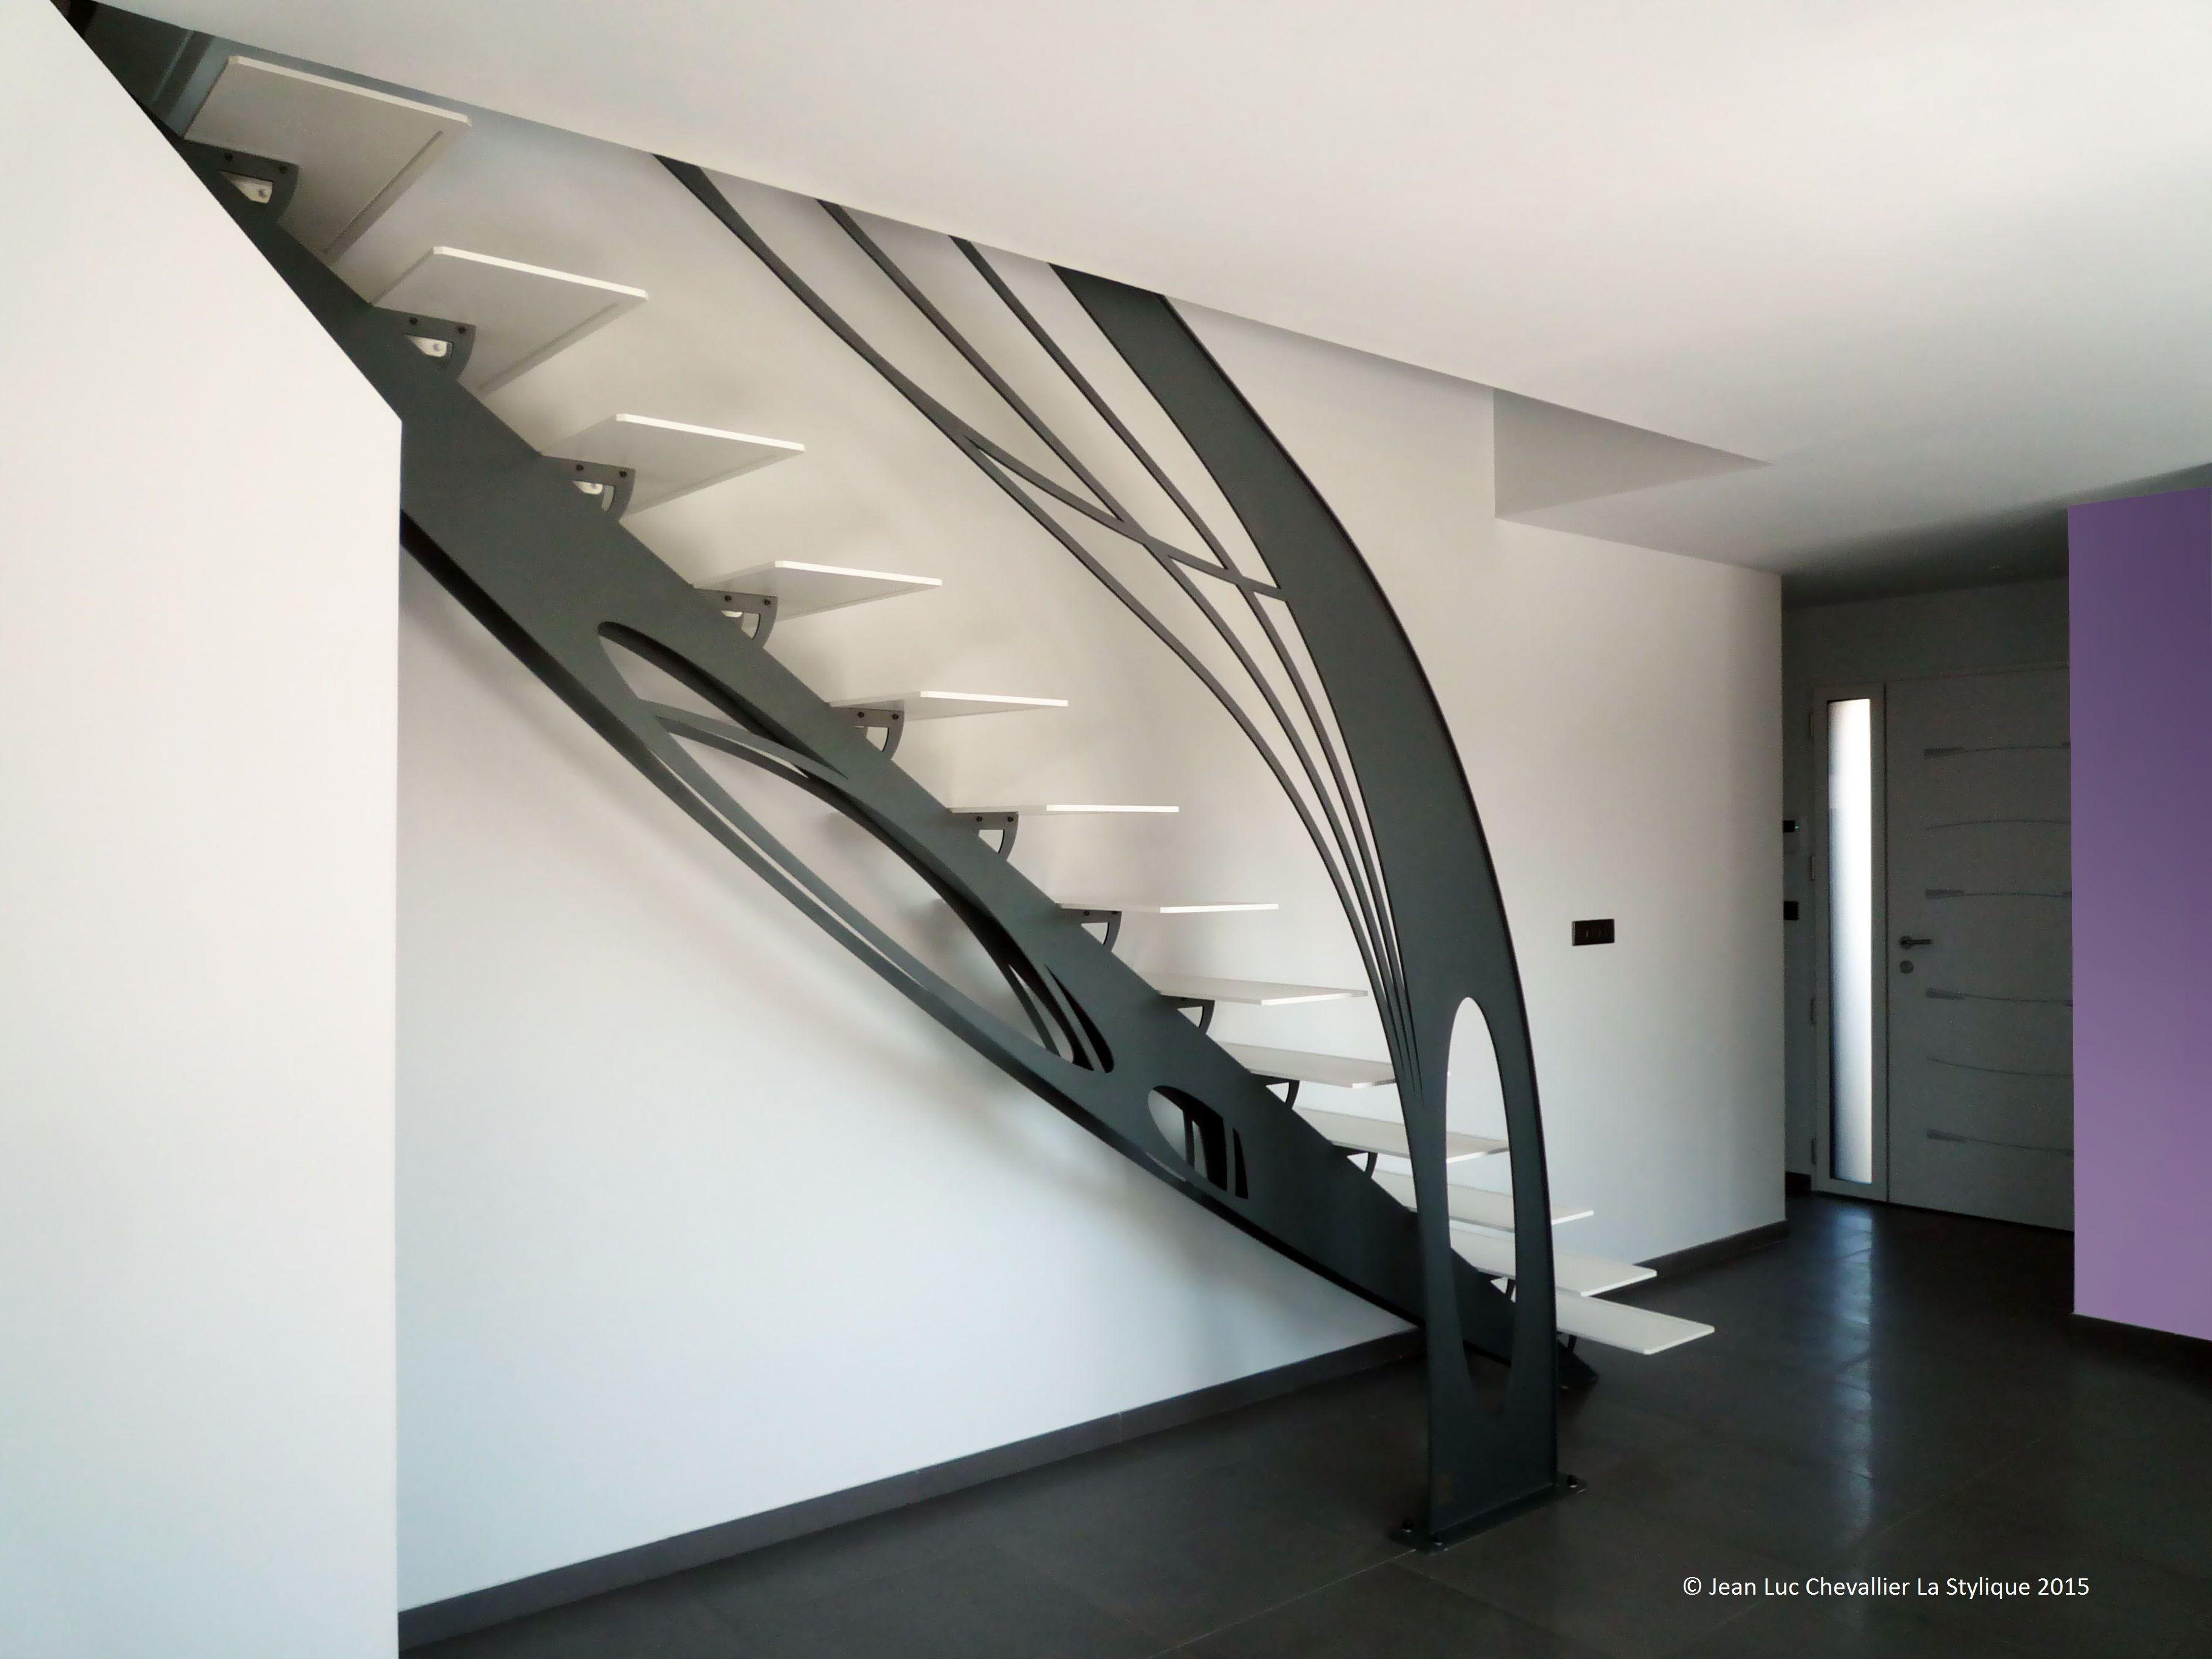 escalier design escalier design m tal la stylique escalier pinterest